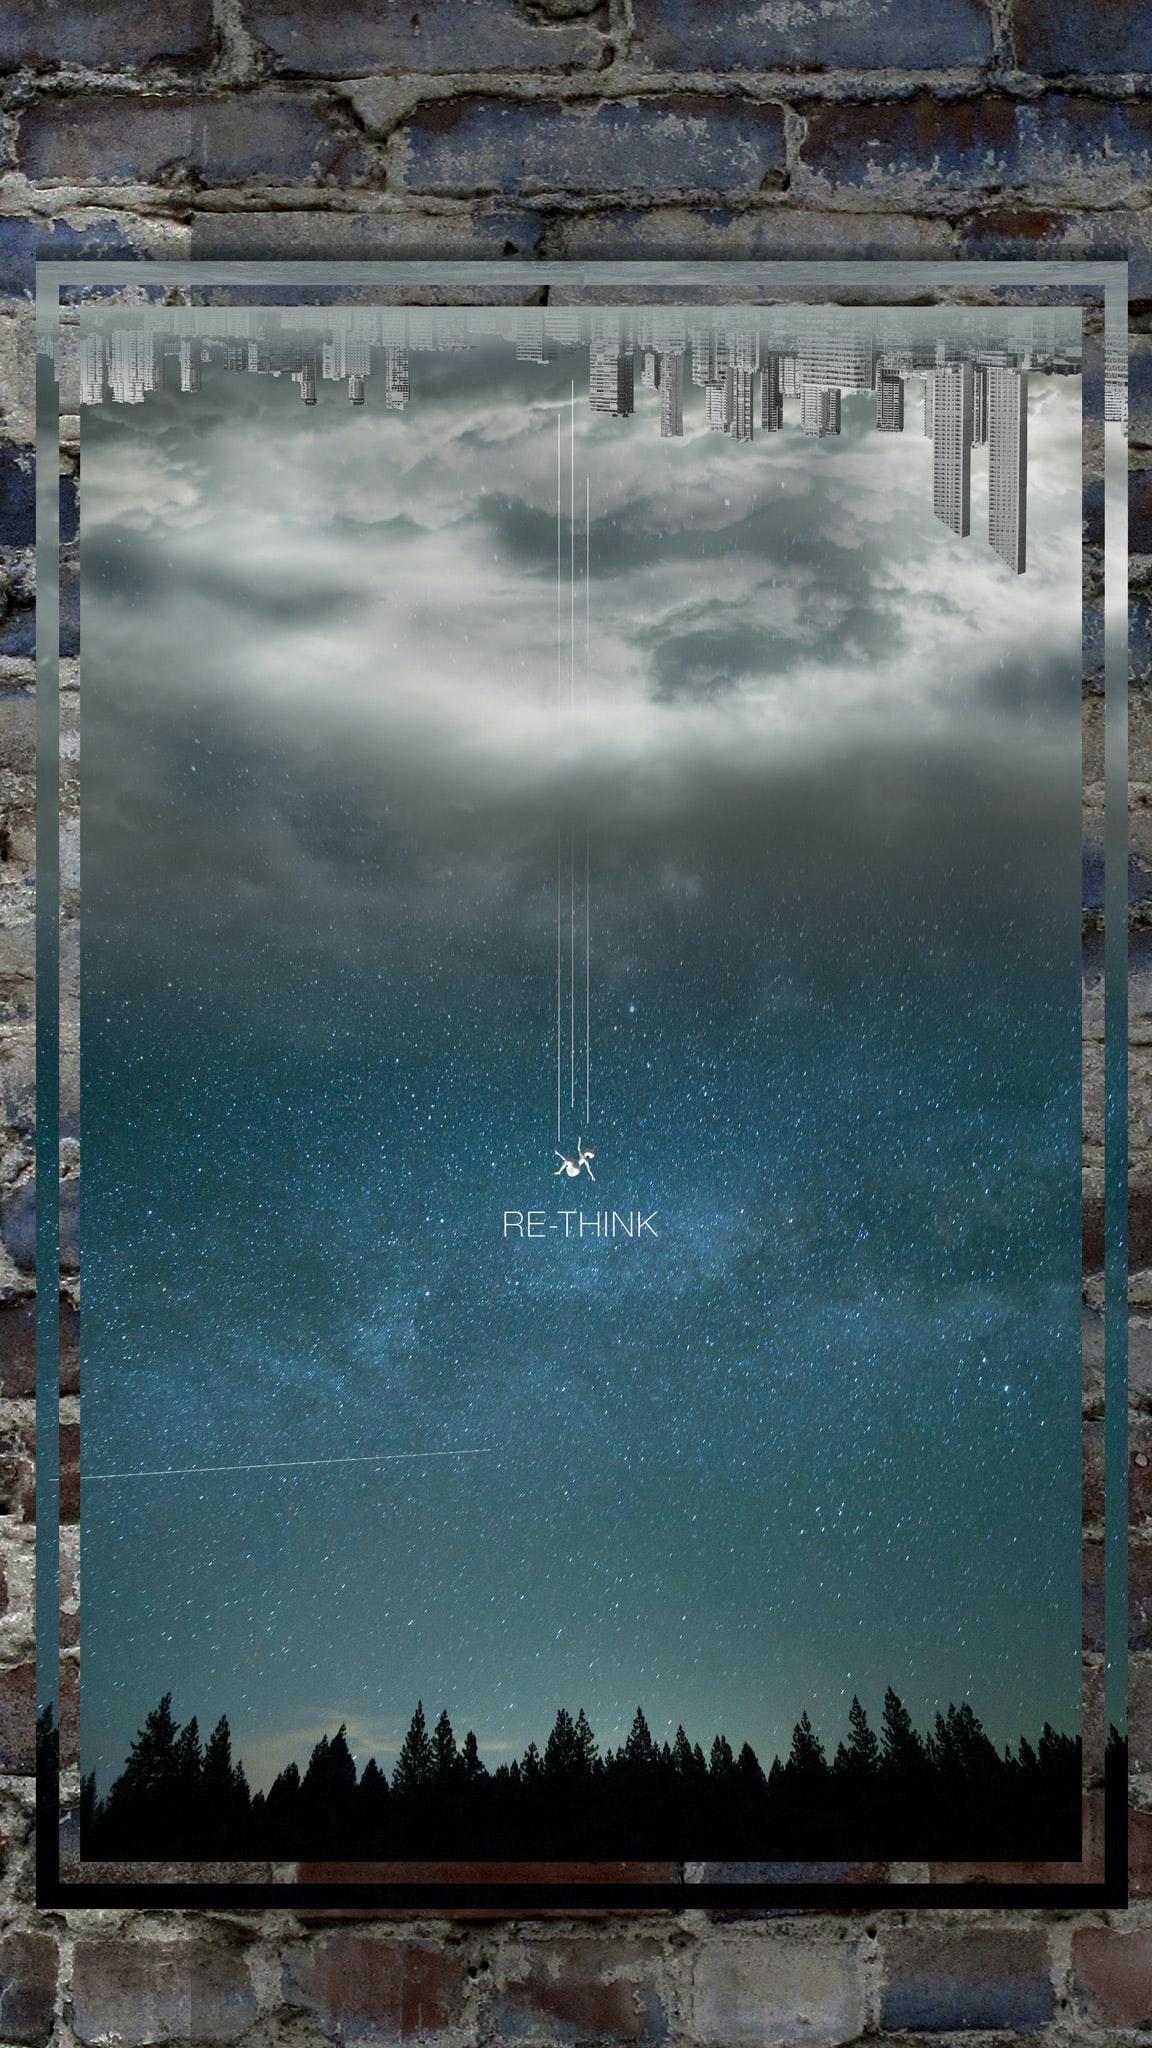 Remixes%2fremix 1505452170213 3f90e97bcdf8?q=75&w=1080&h=1080&fit=max&fm=jpg&s=3ce9b752e42befe0842f4036f4621e40